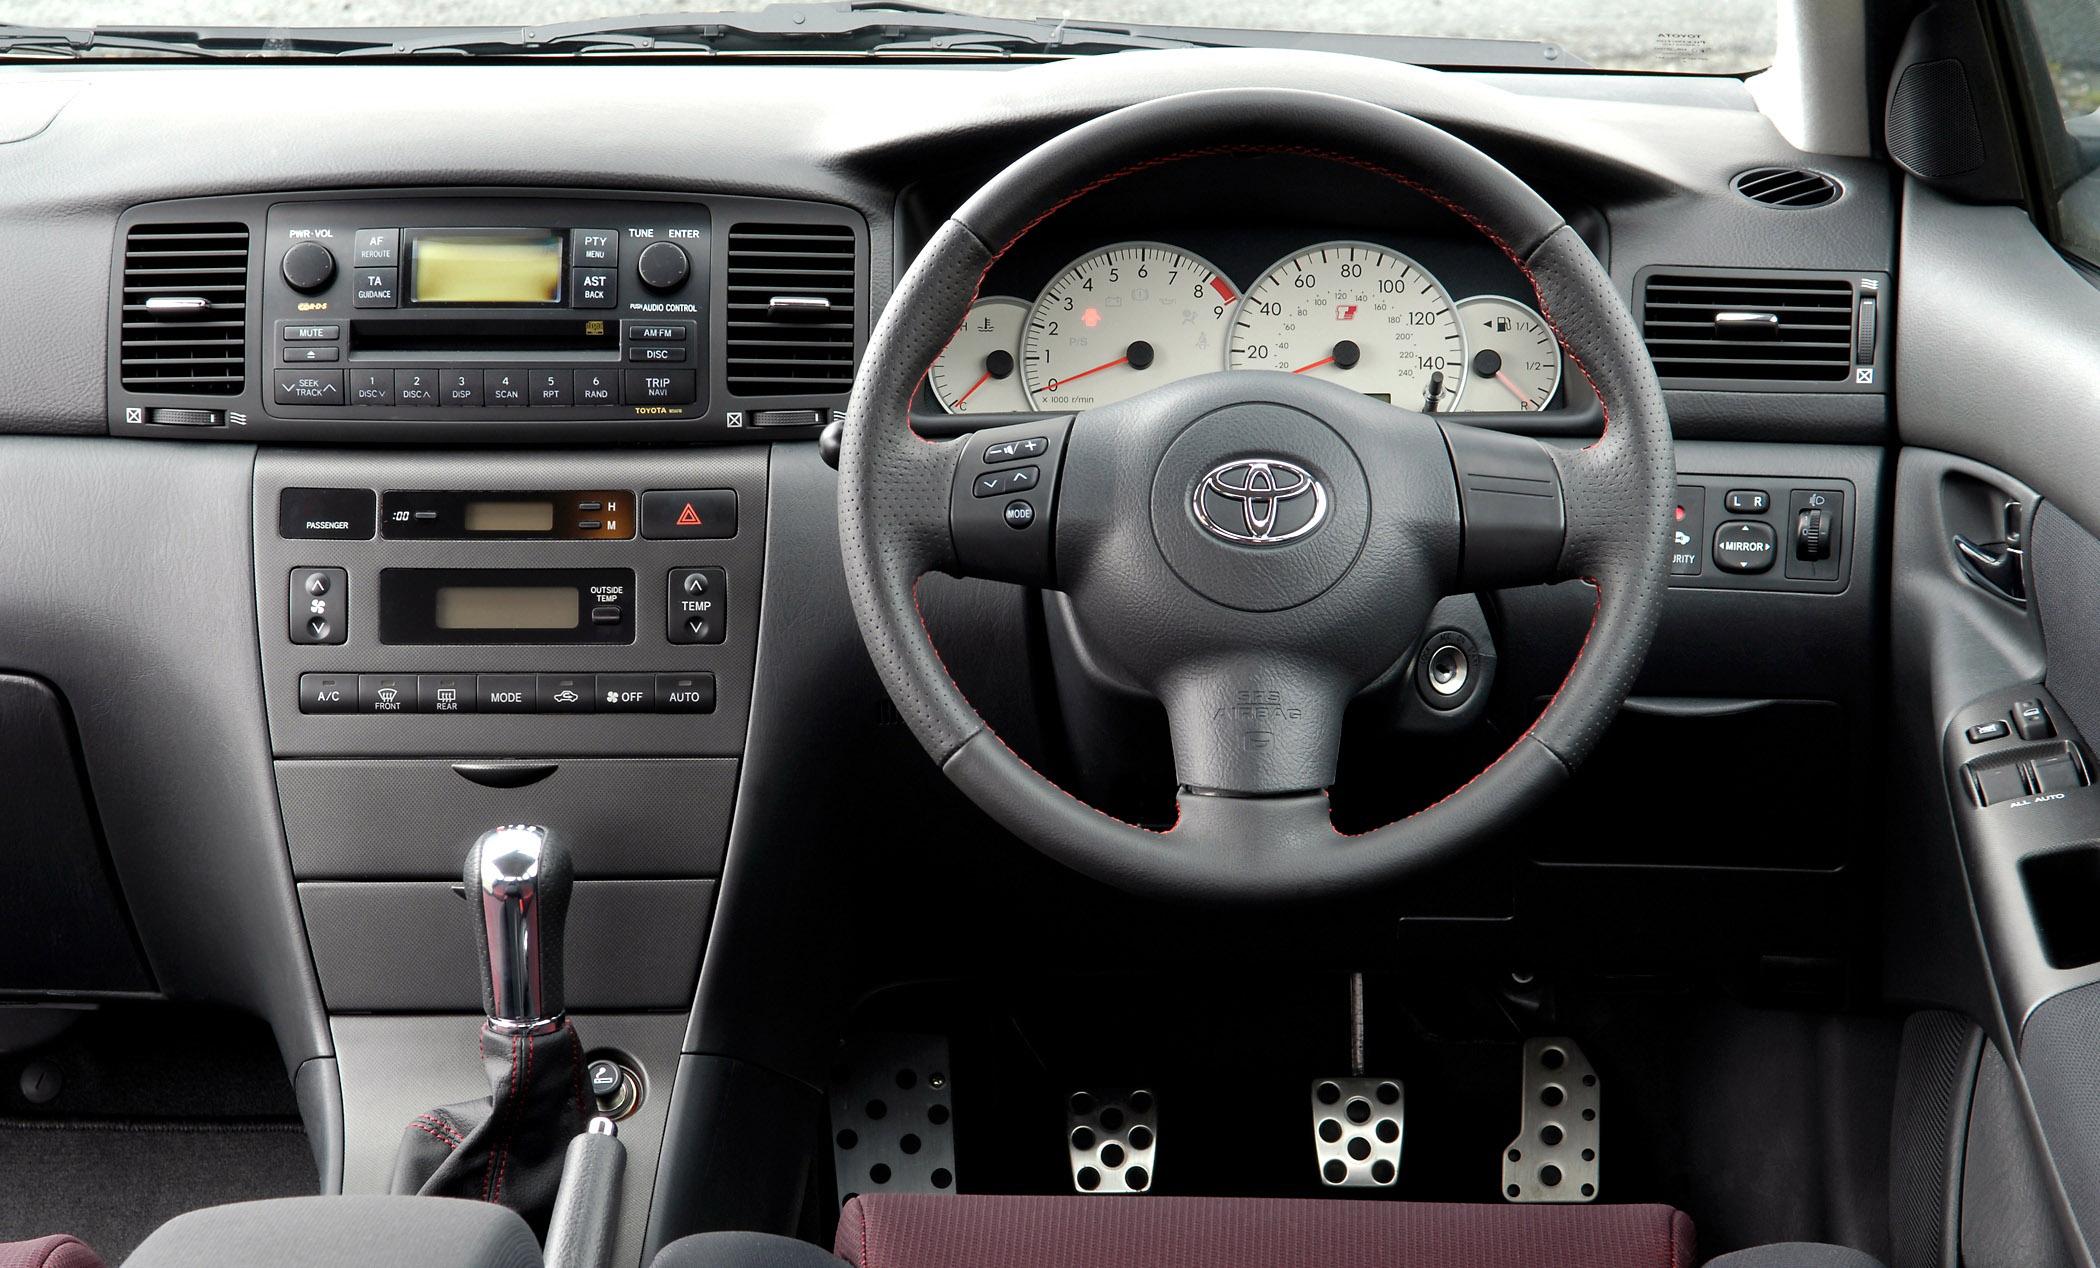 2005 Toyota Corolla Compressor Picture 77783